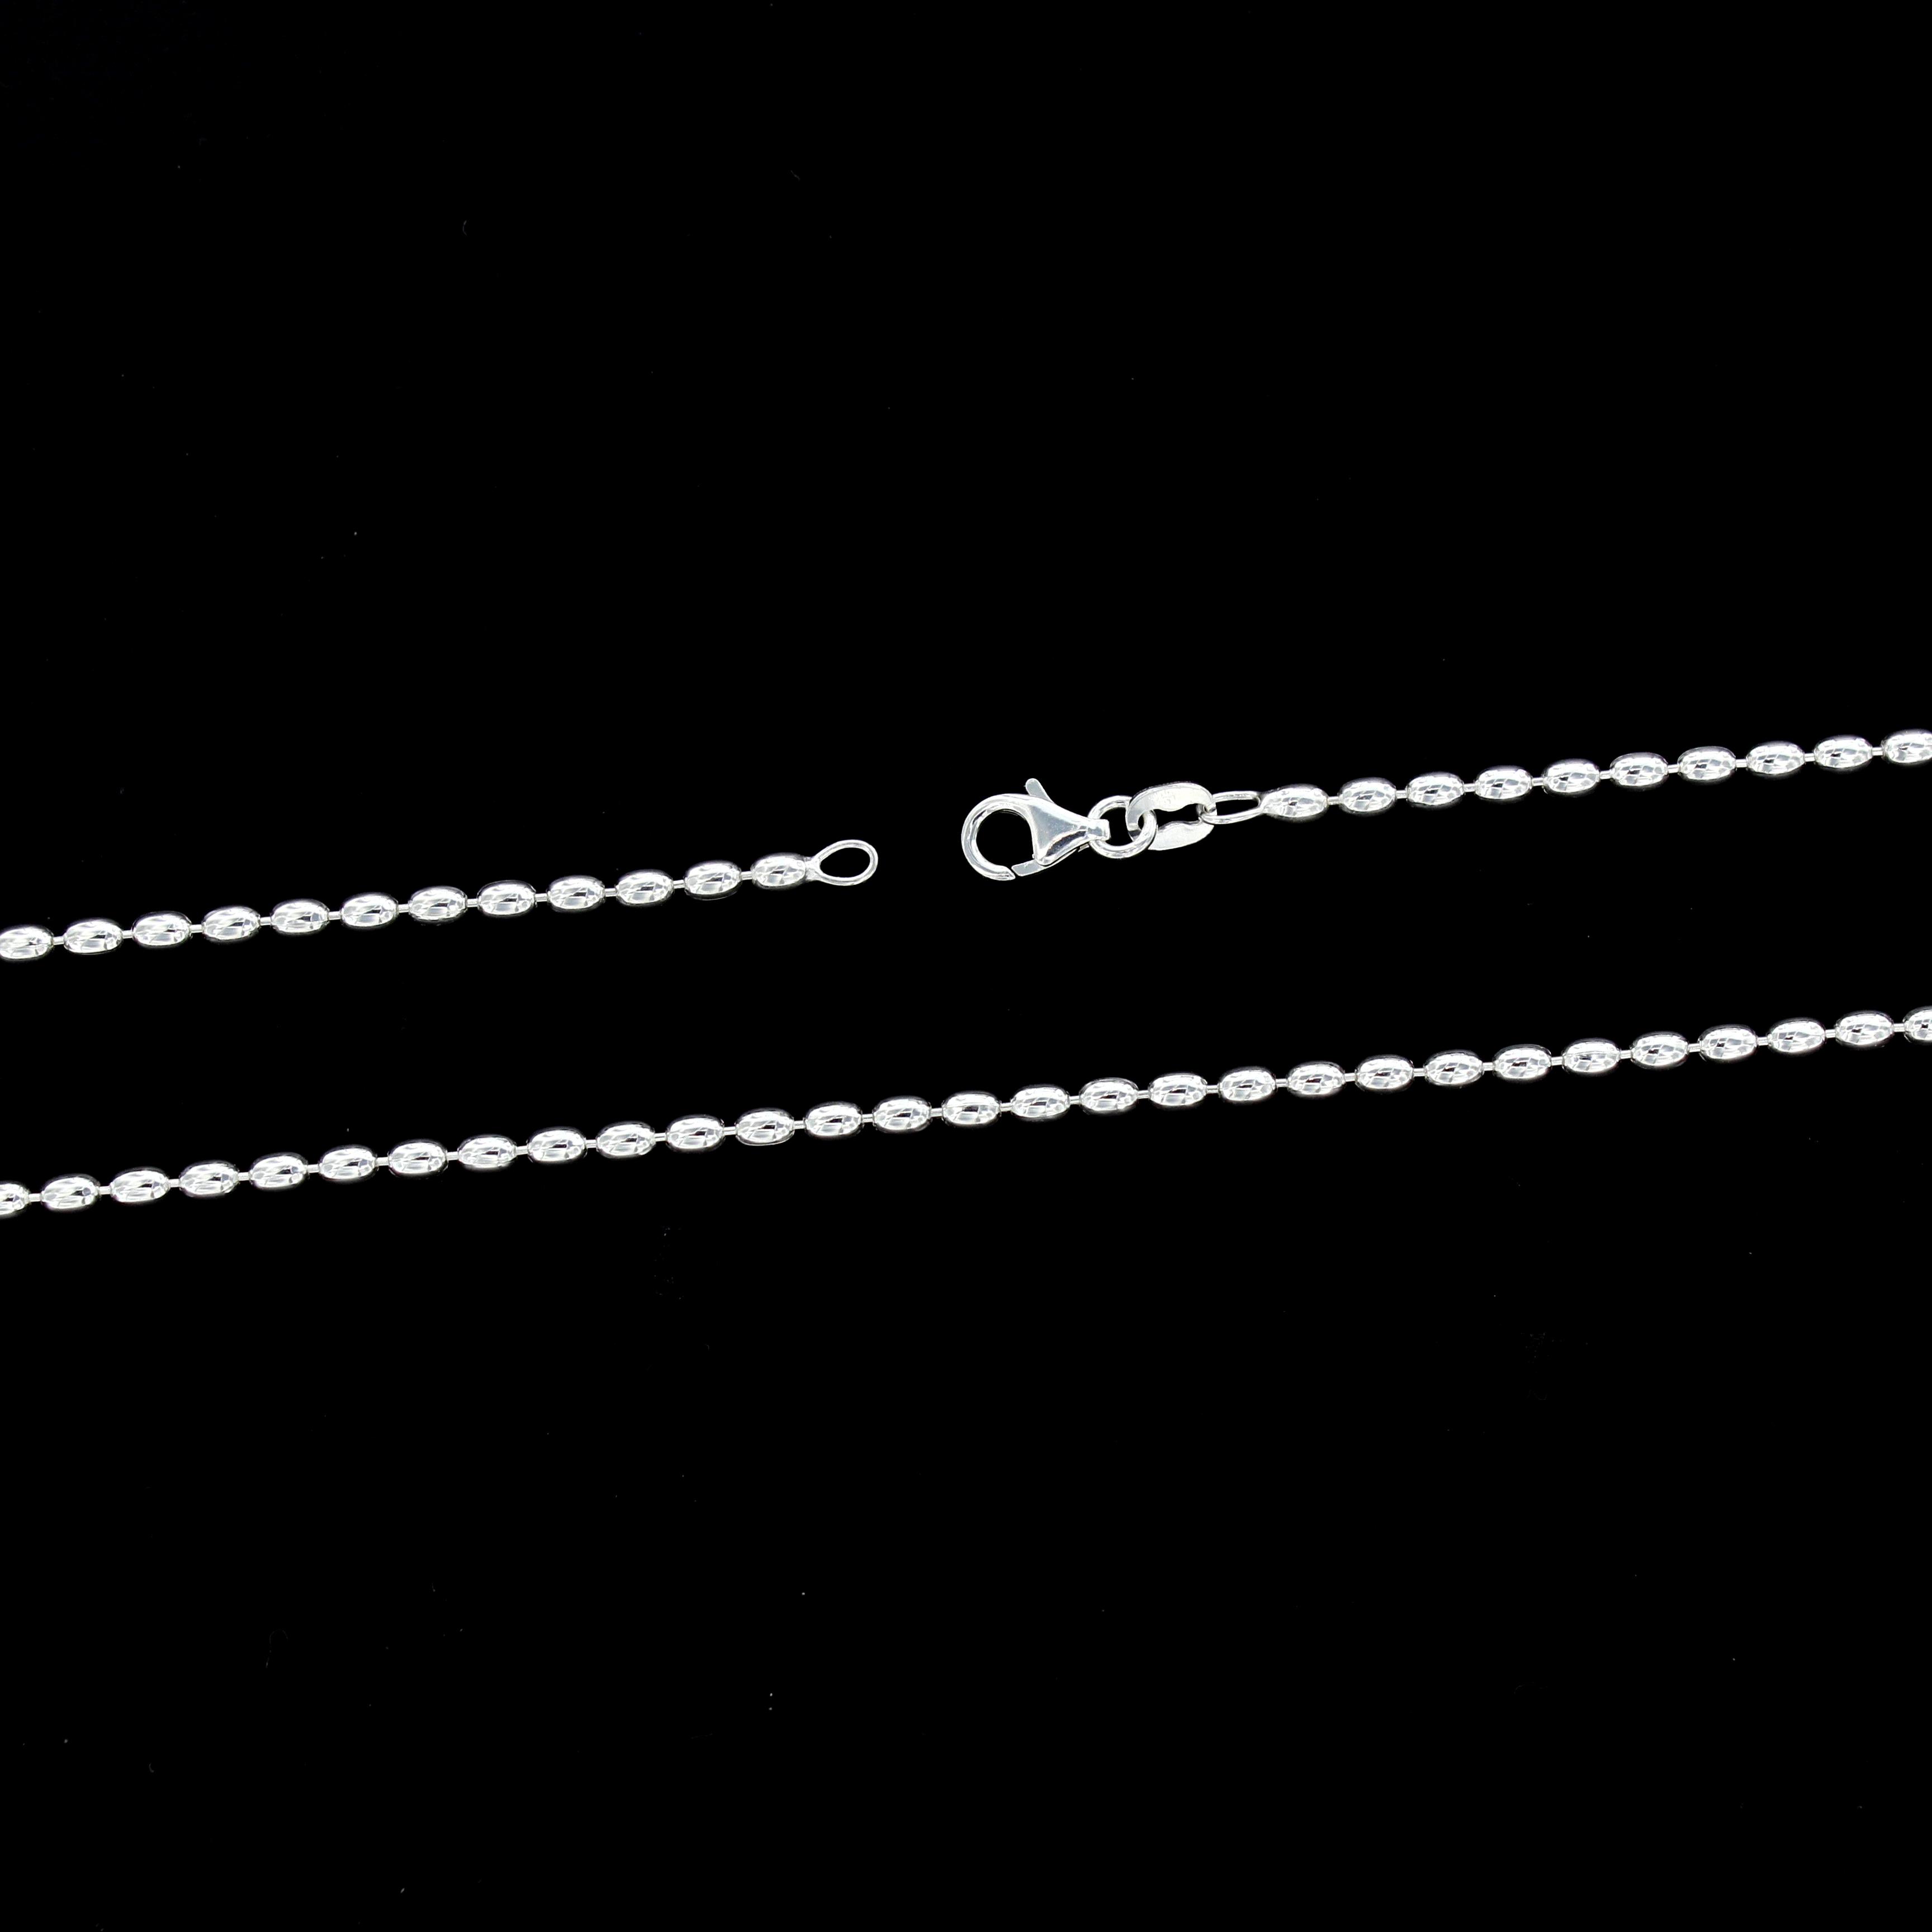 KAARIS CP093 OLIIVI RANNEKETJU 2,3 mm